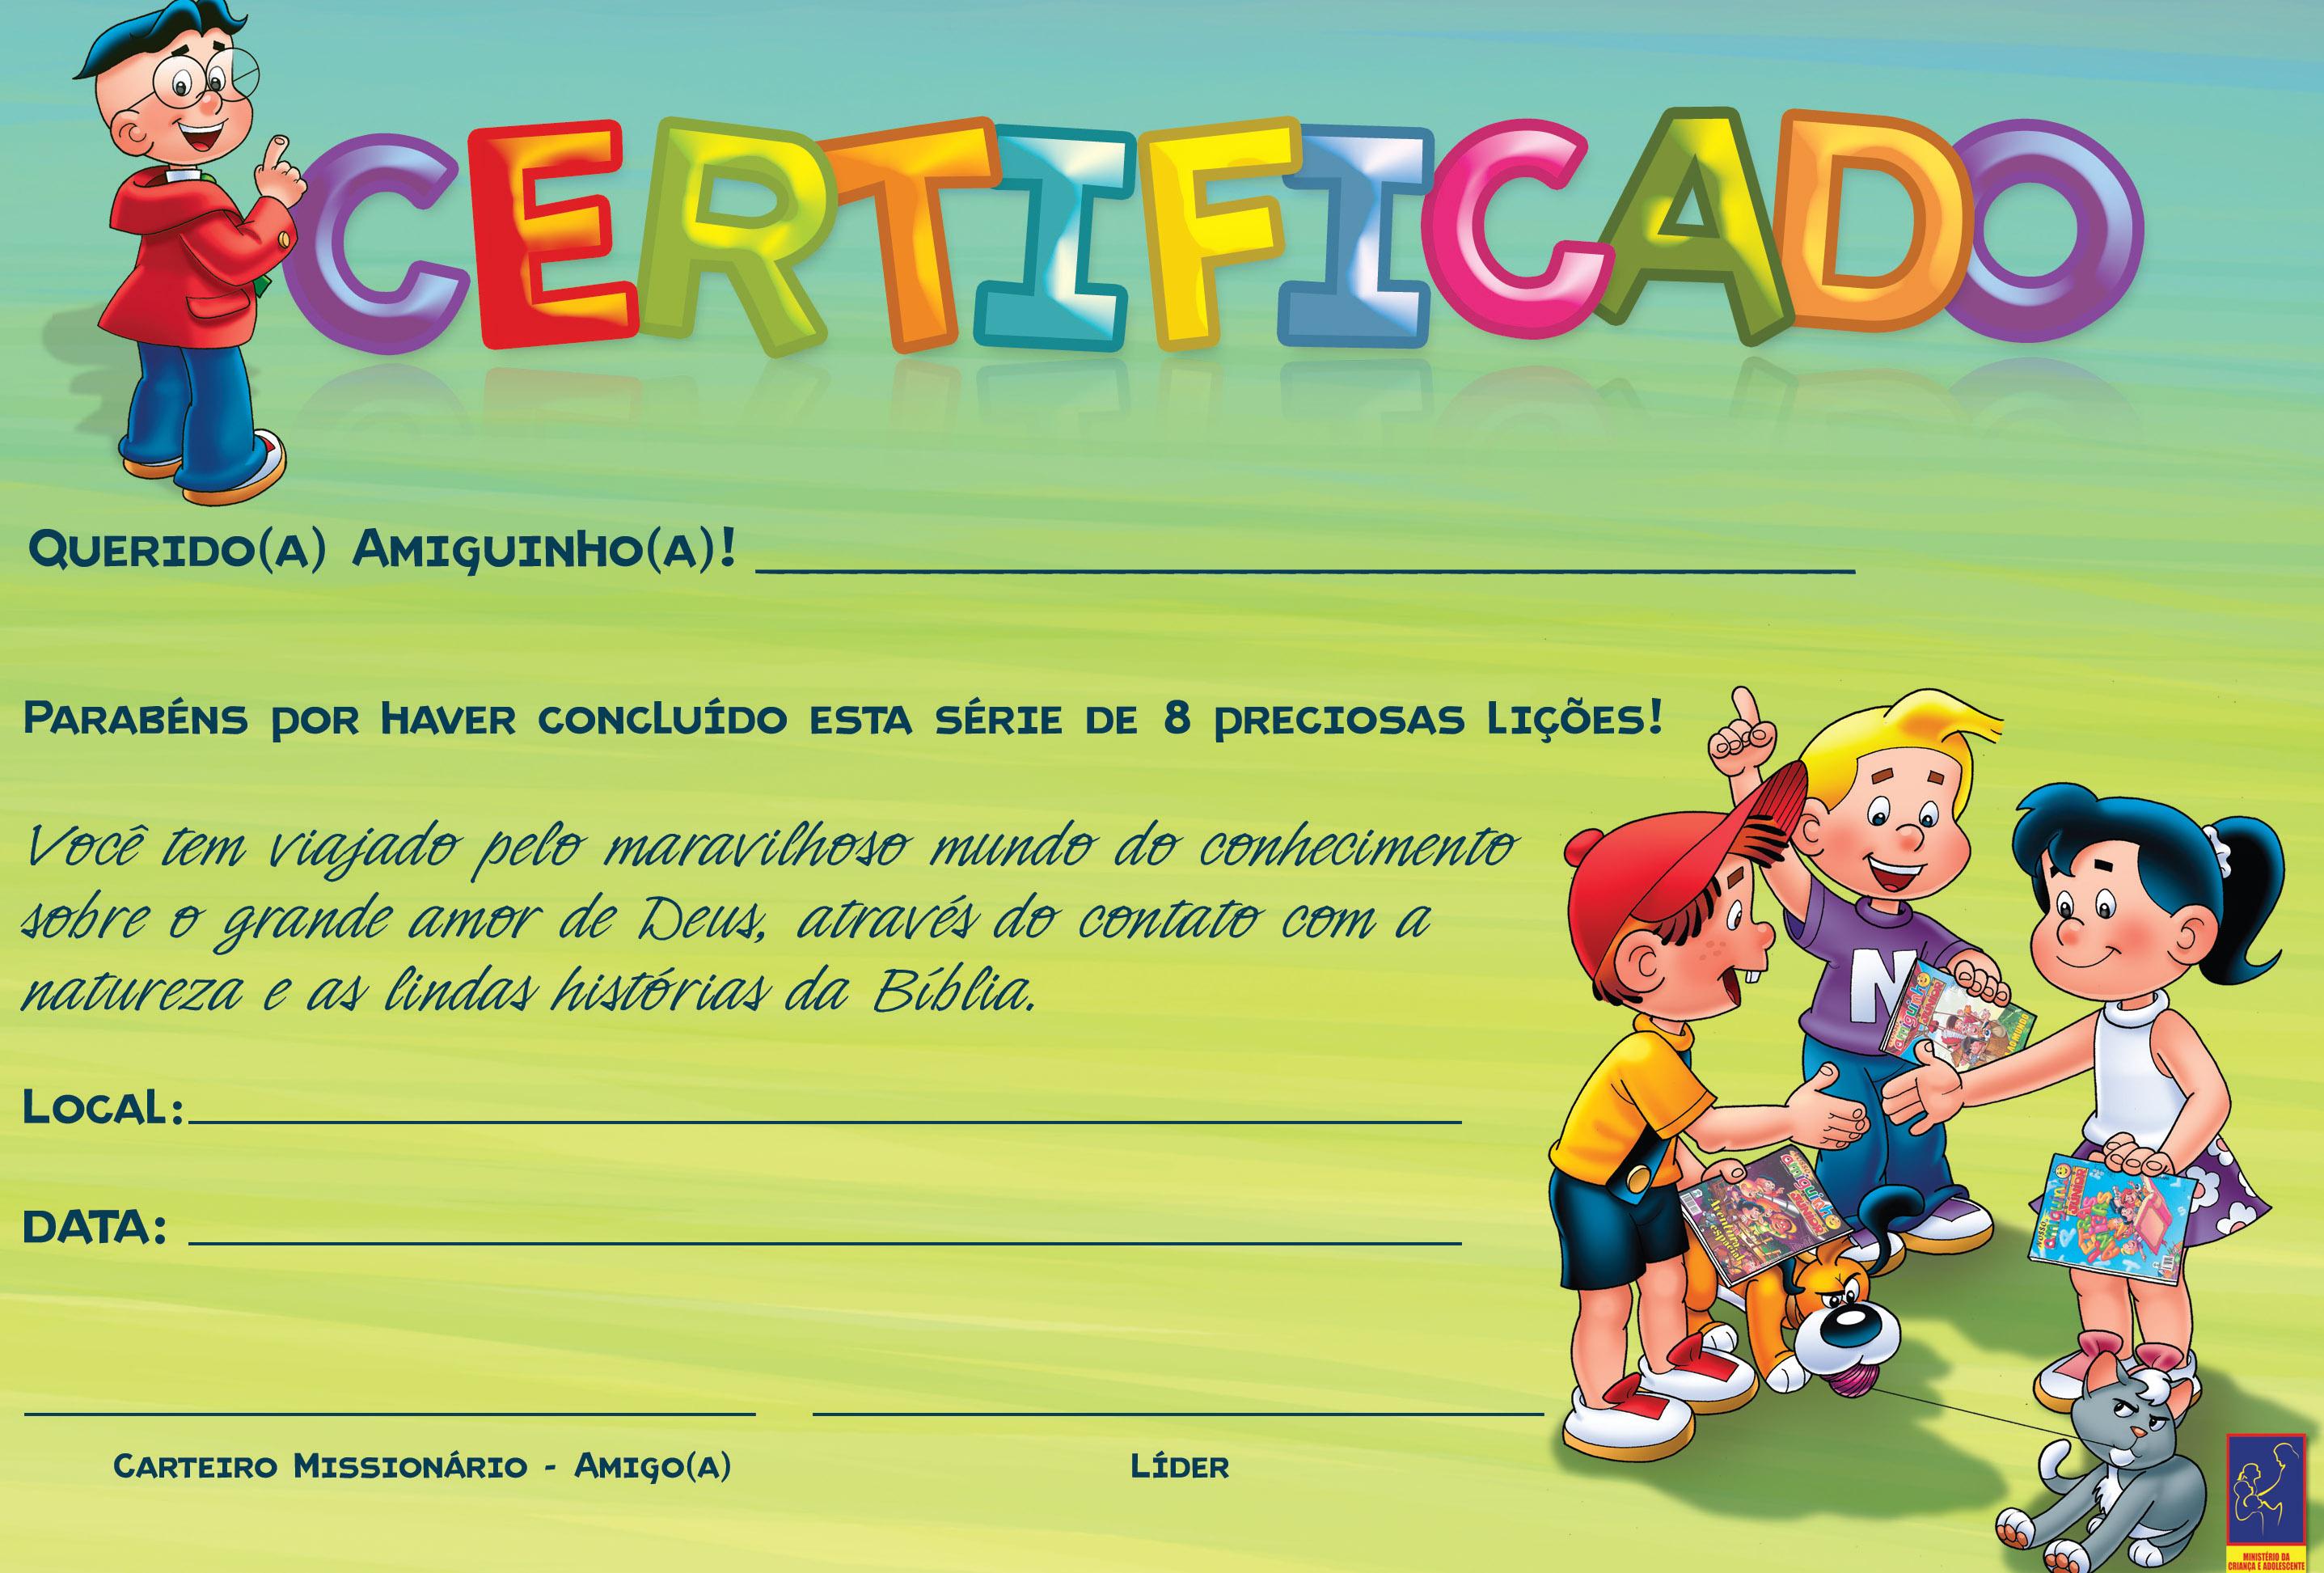 certificado CARTEIRO